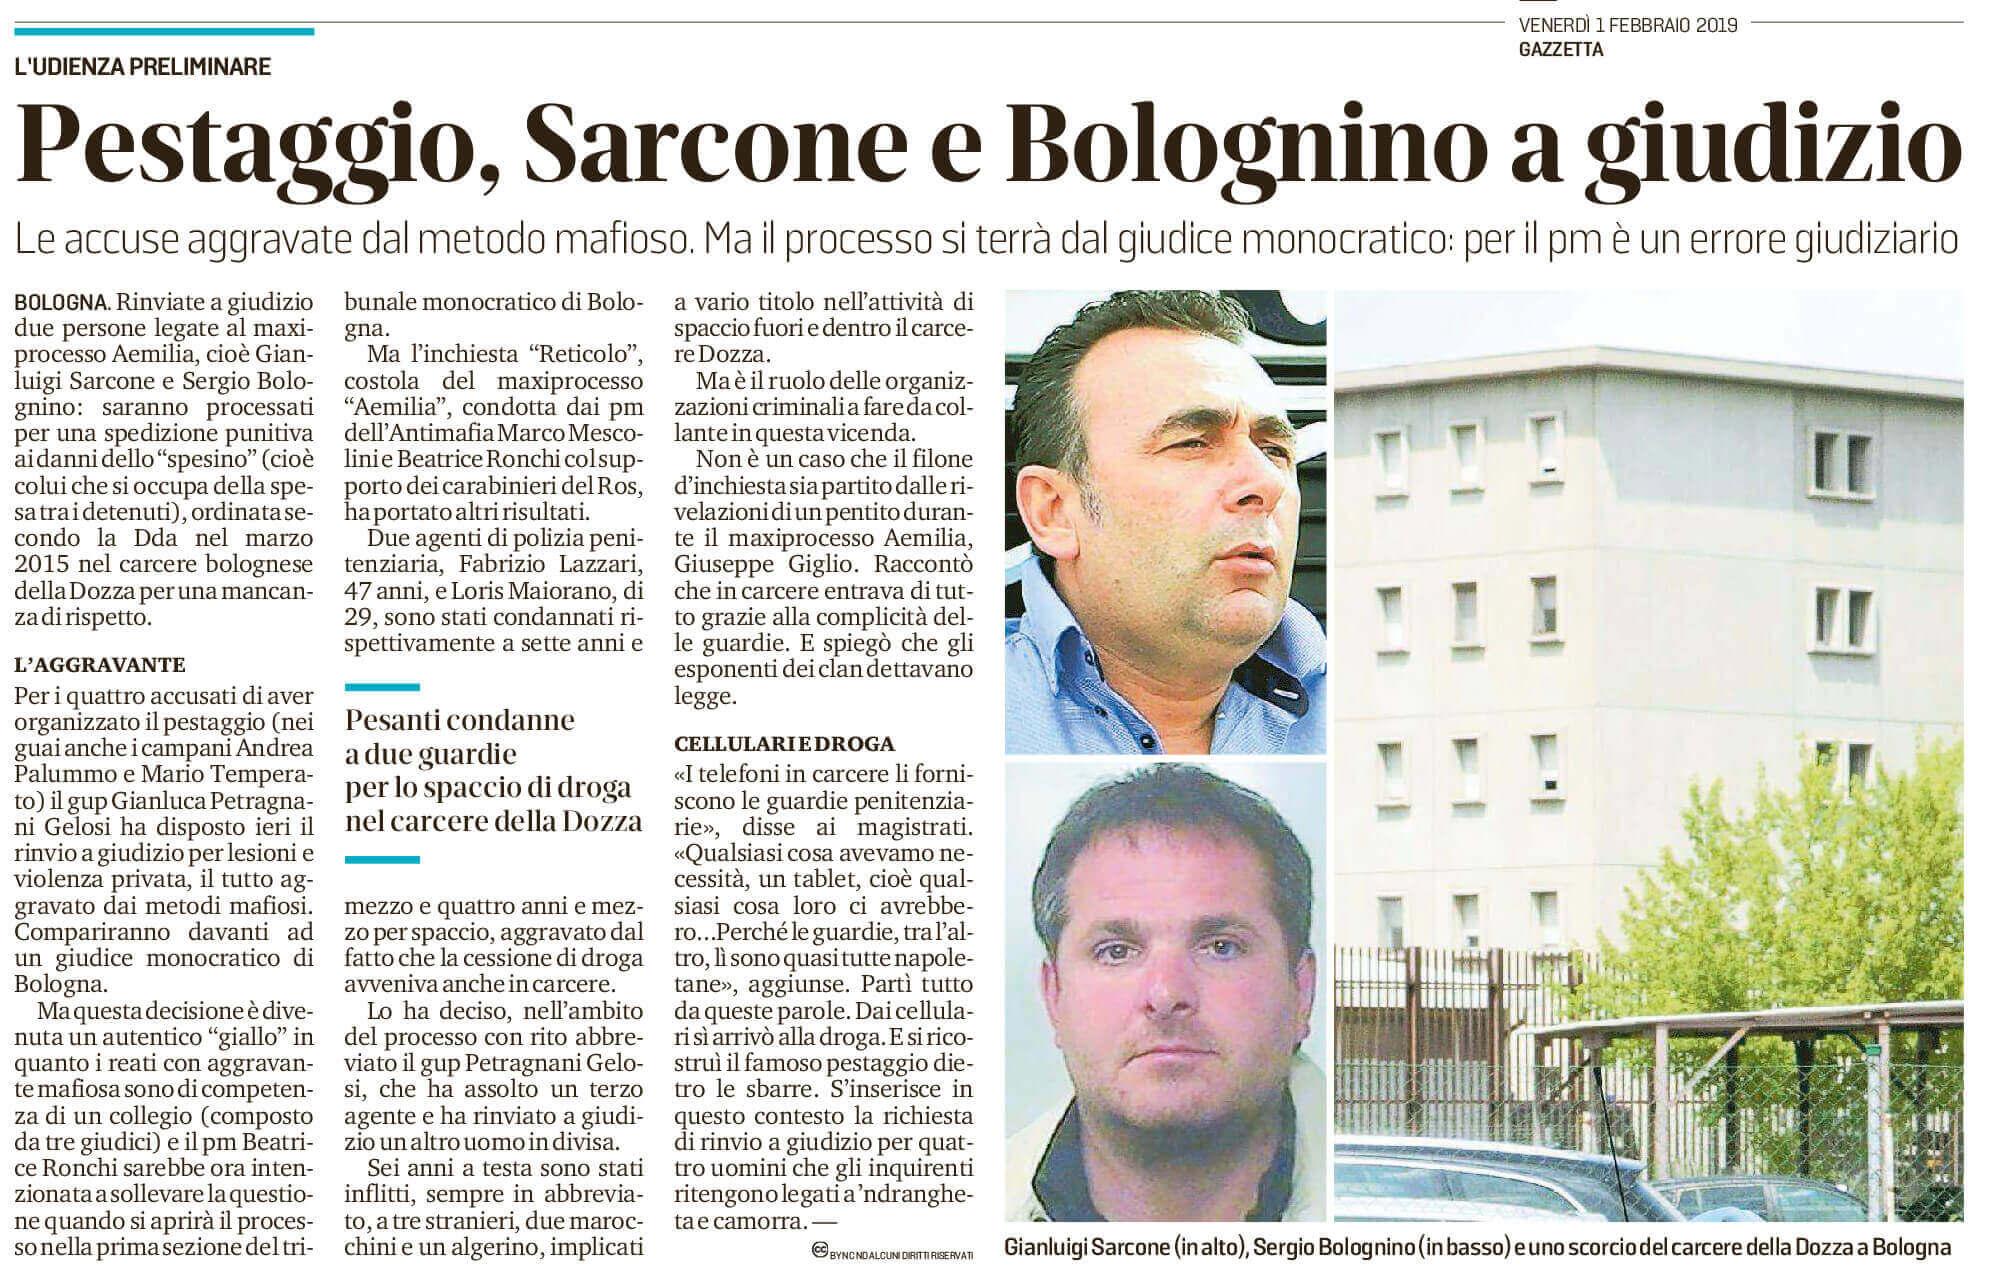 Sarcone e Bolognino a giudizio